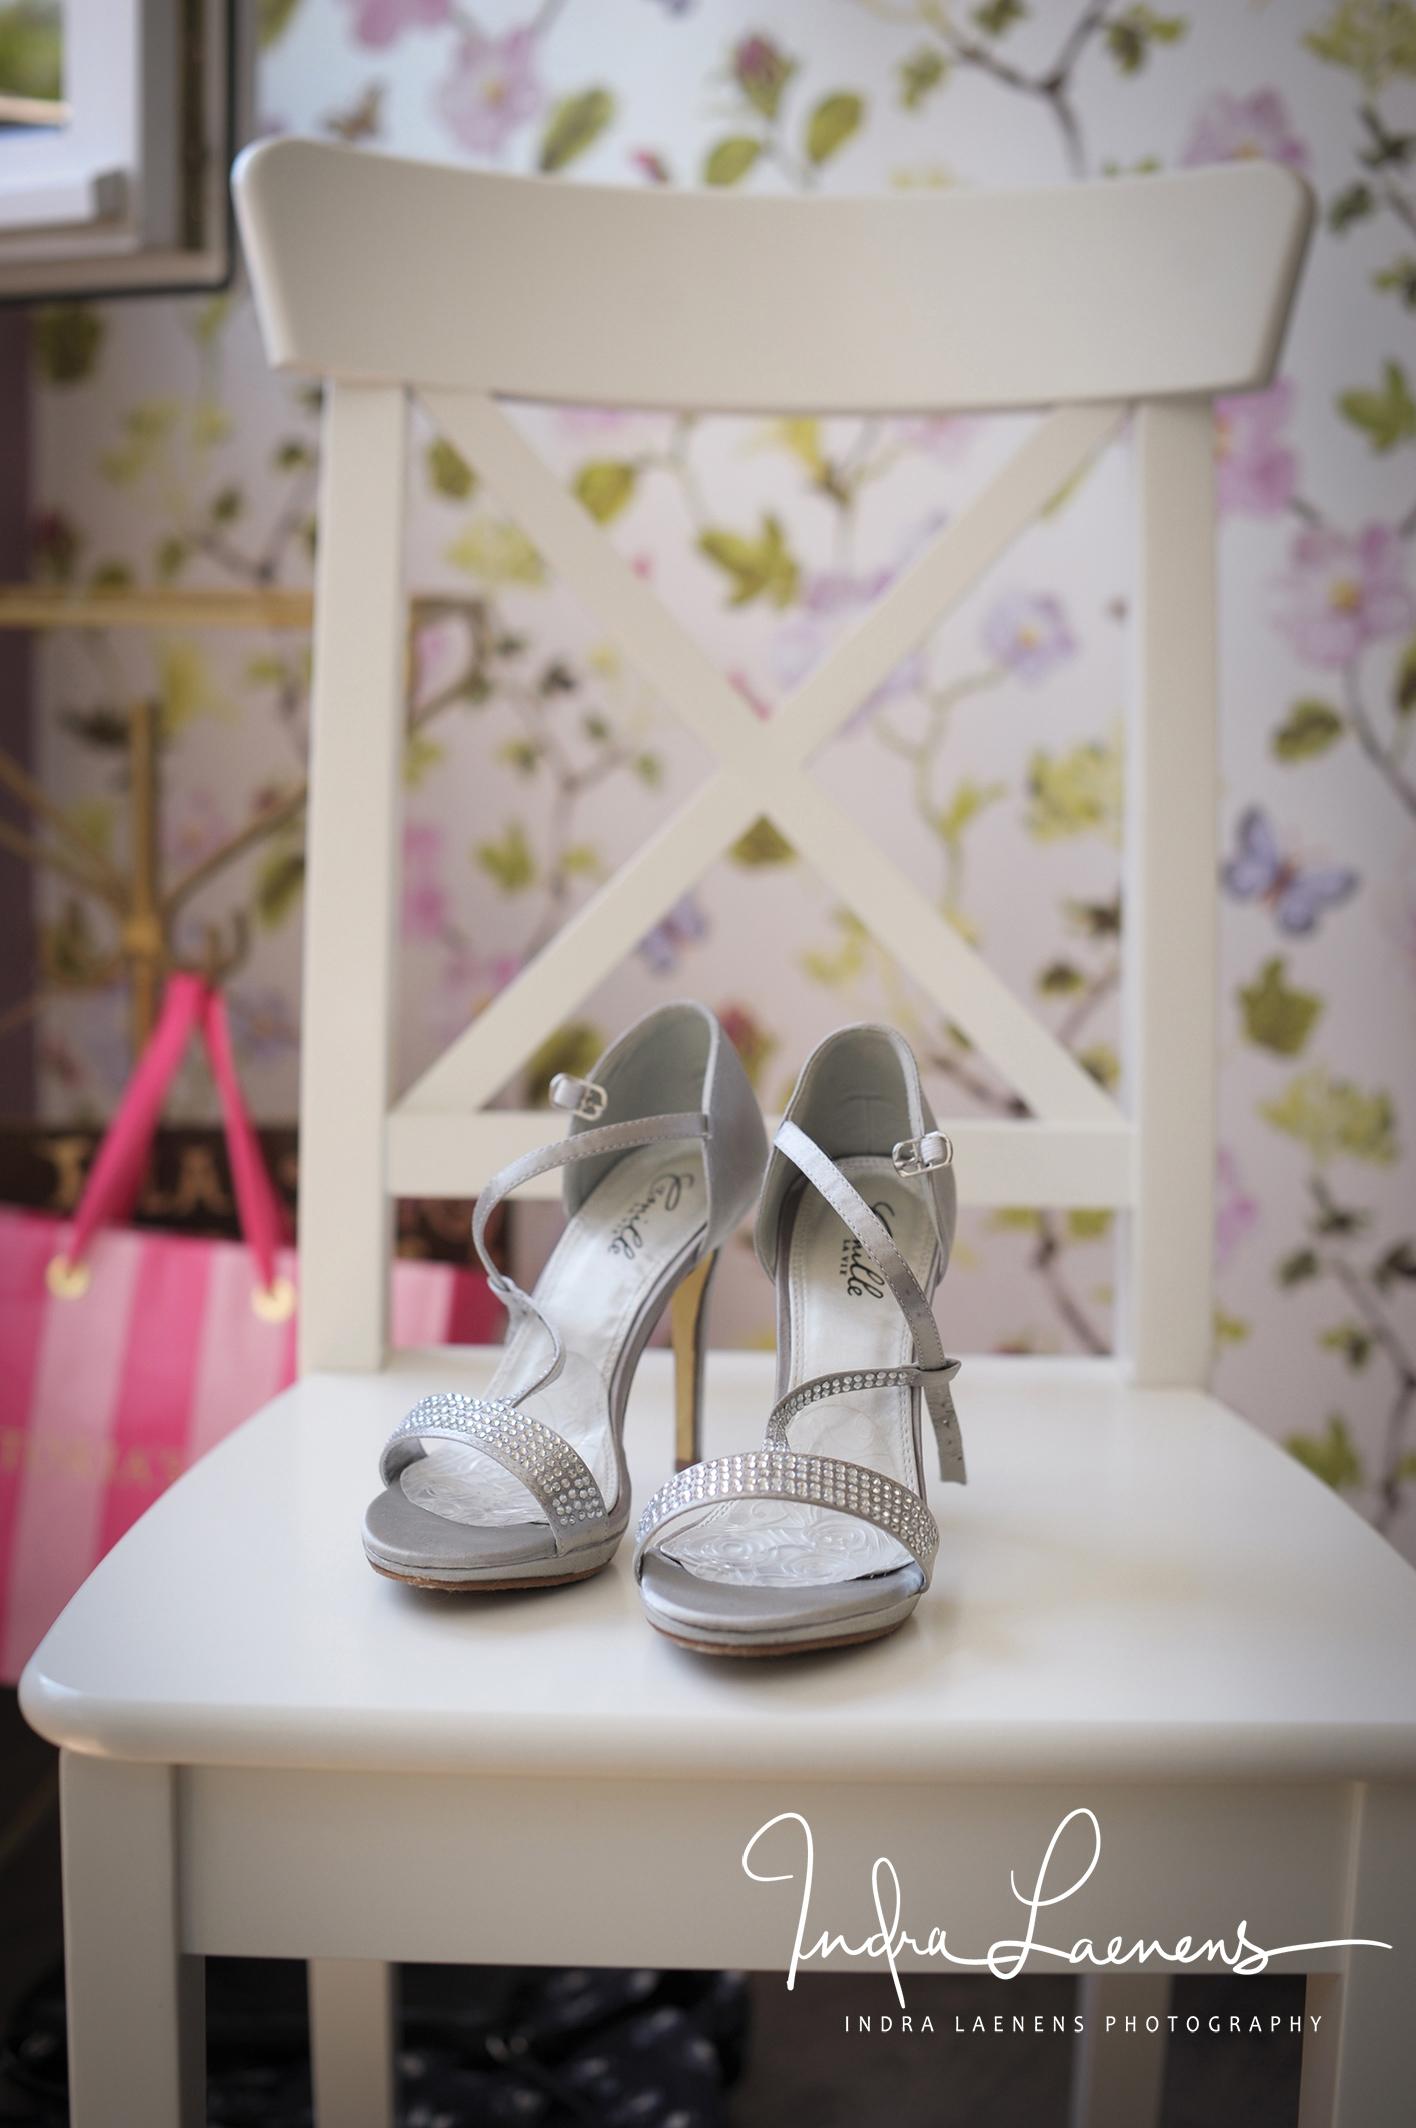 Opmaak bruid- trouwschoenen